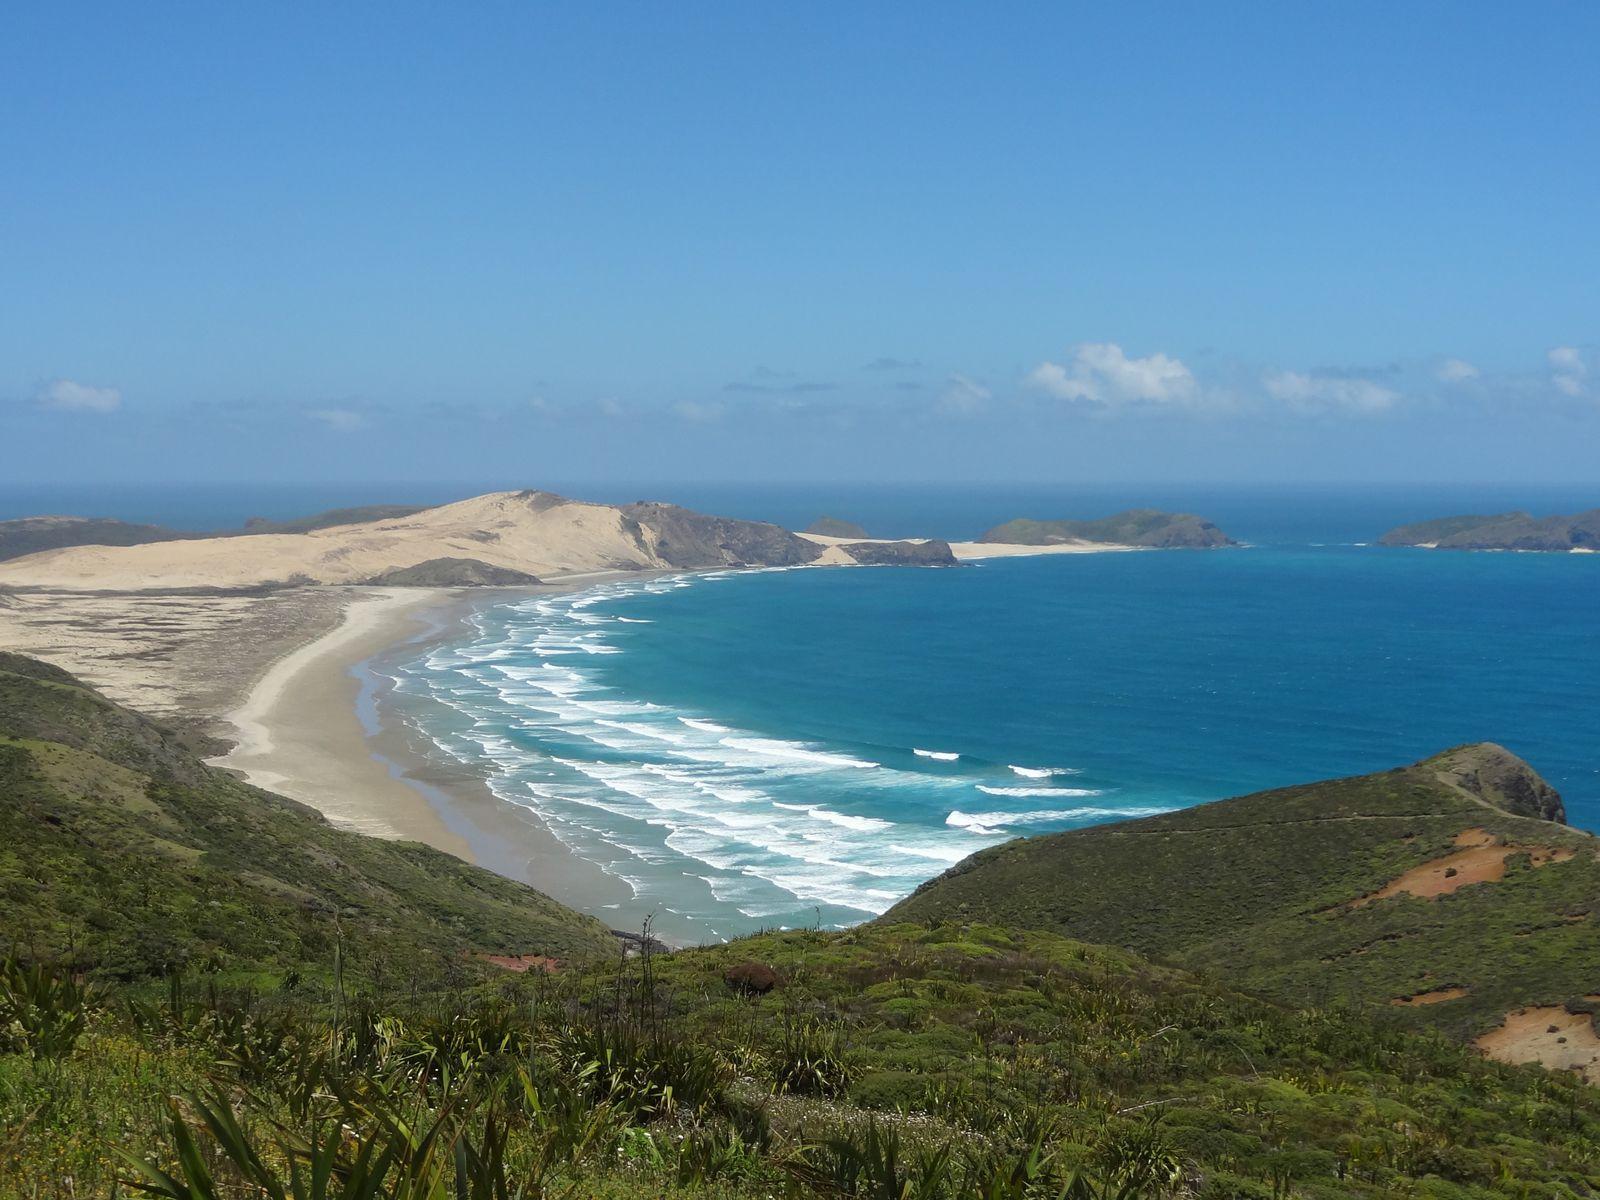 Serait-ce le bout du monde ? Le croisement entre la mer de Tasmanie et l'Océan Pacifique ?